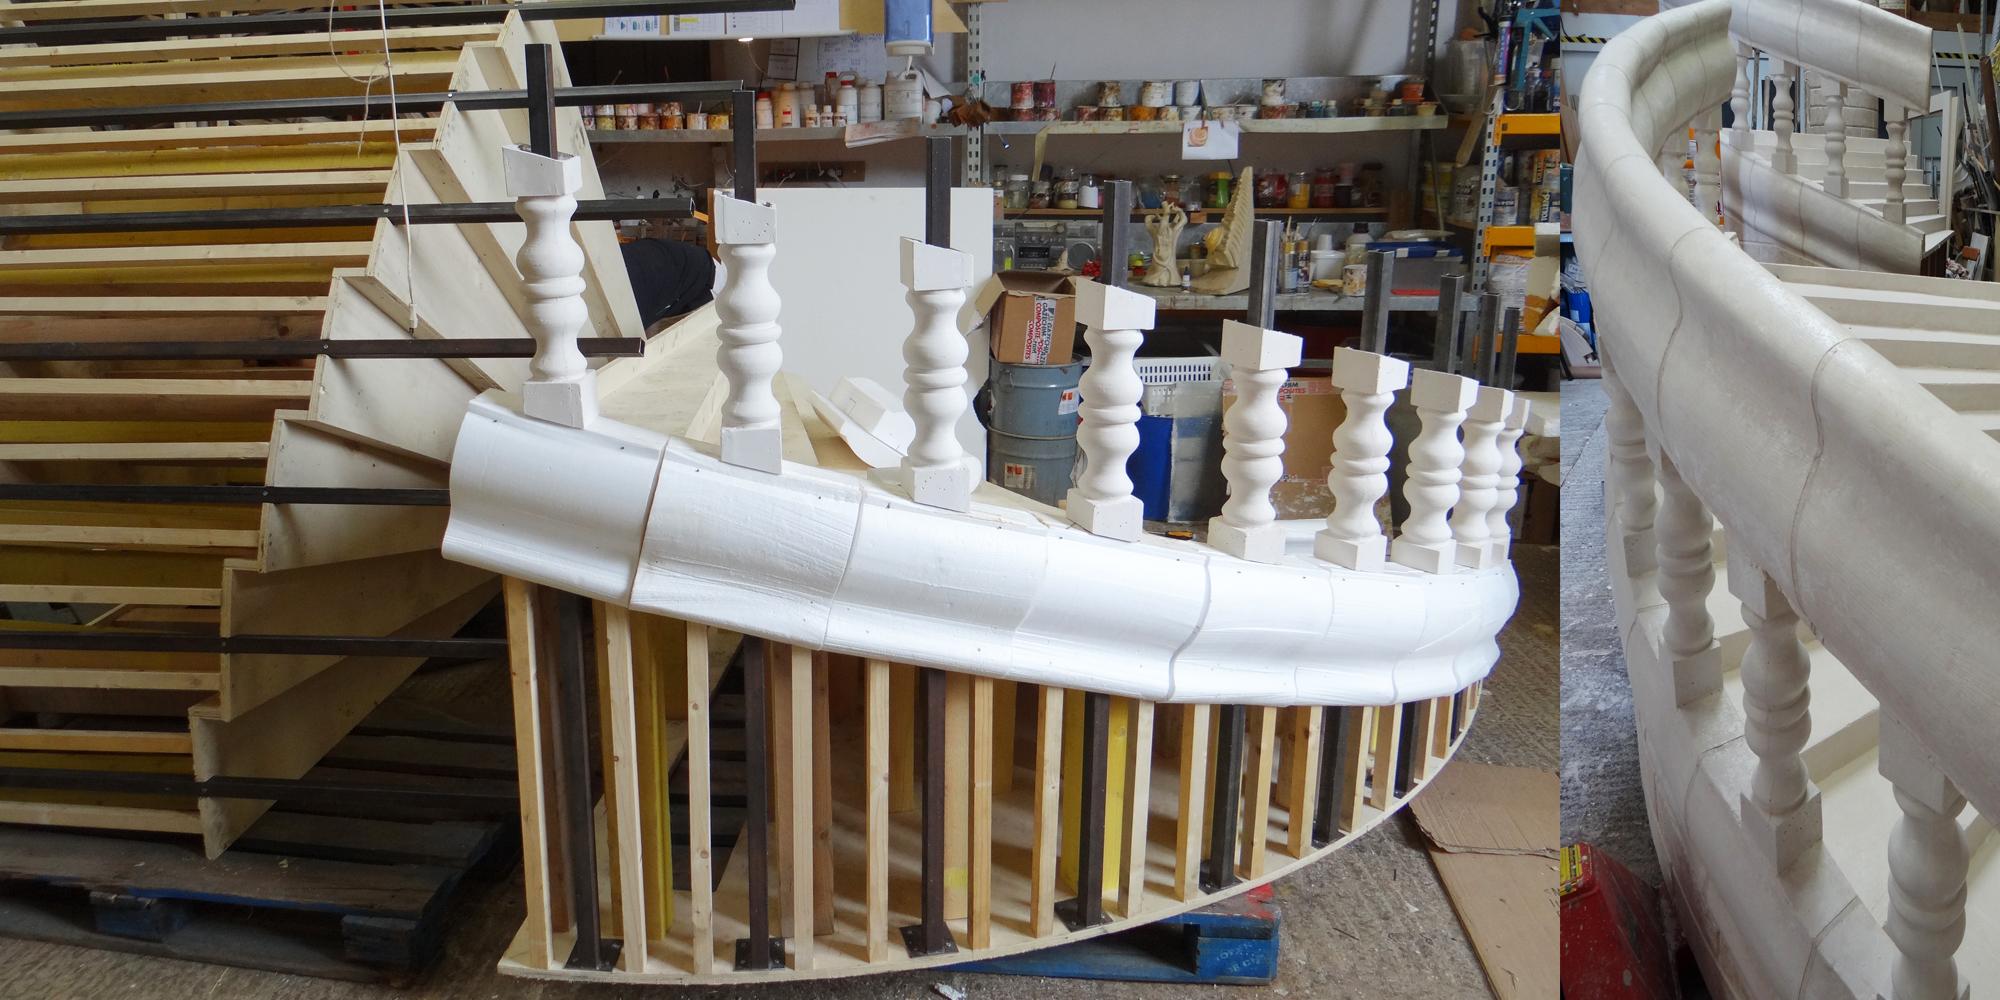 détail de la structure bois et métal du décor de scène du show case de la comédie musicale Les 3 Mousquetaires